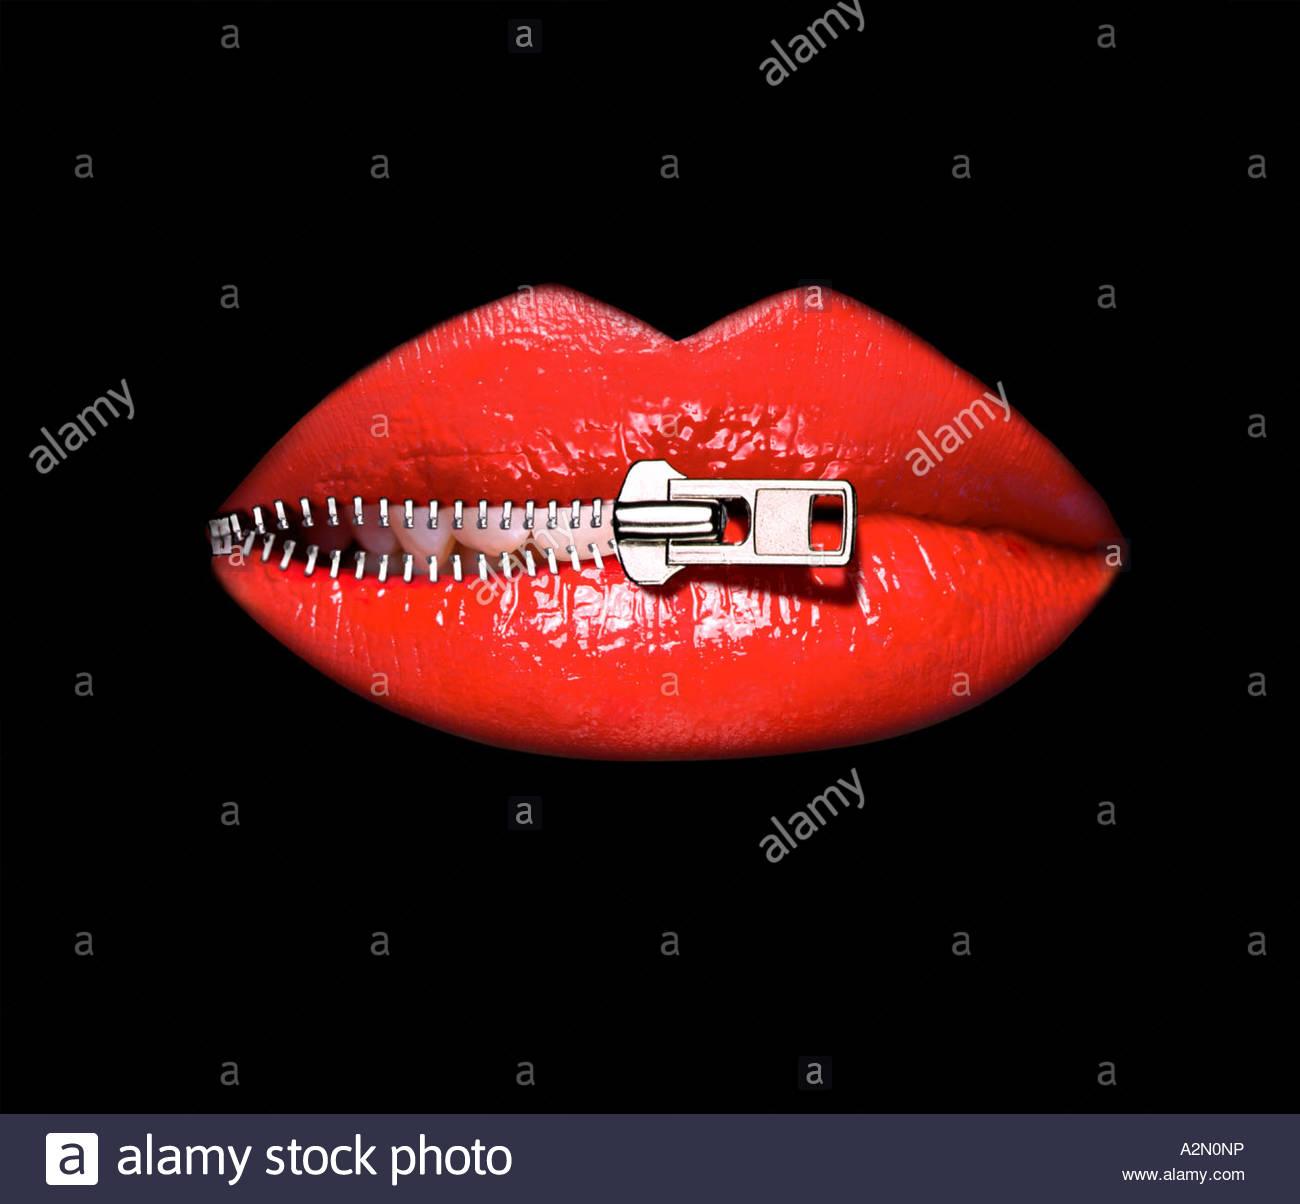 Immagine di una donna di labbri essendo decompresso. Close-up cut-out su sfondo nero Foto Stock